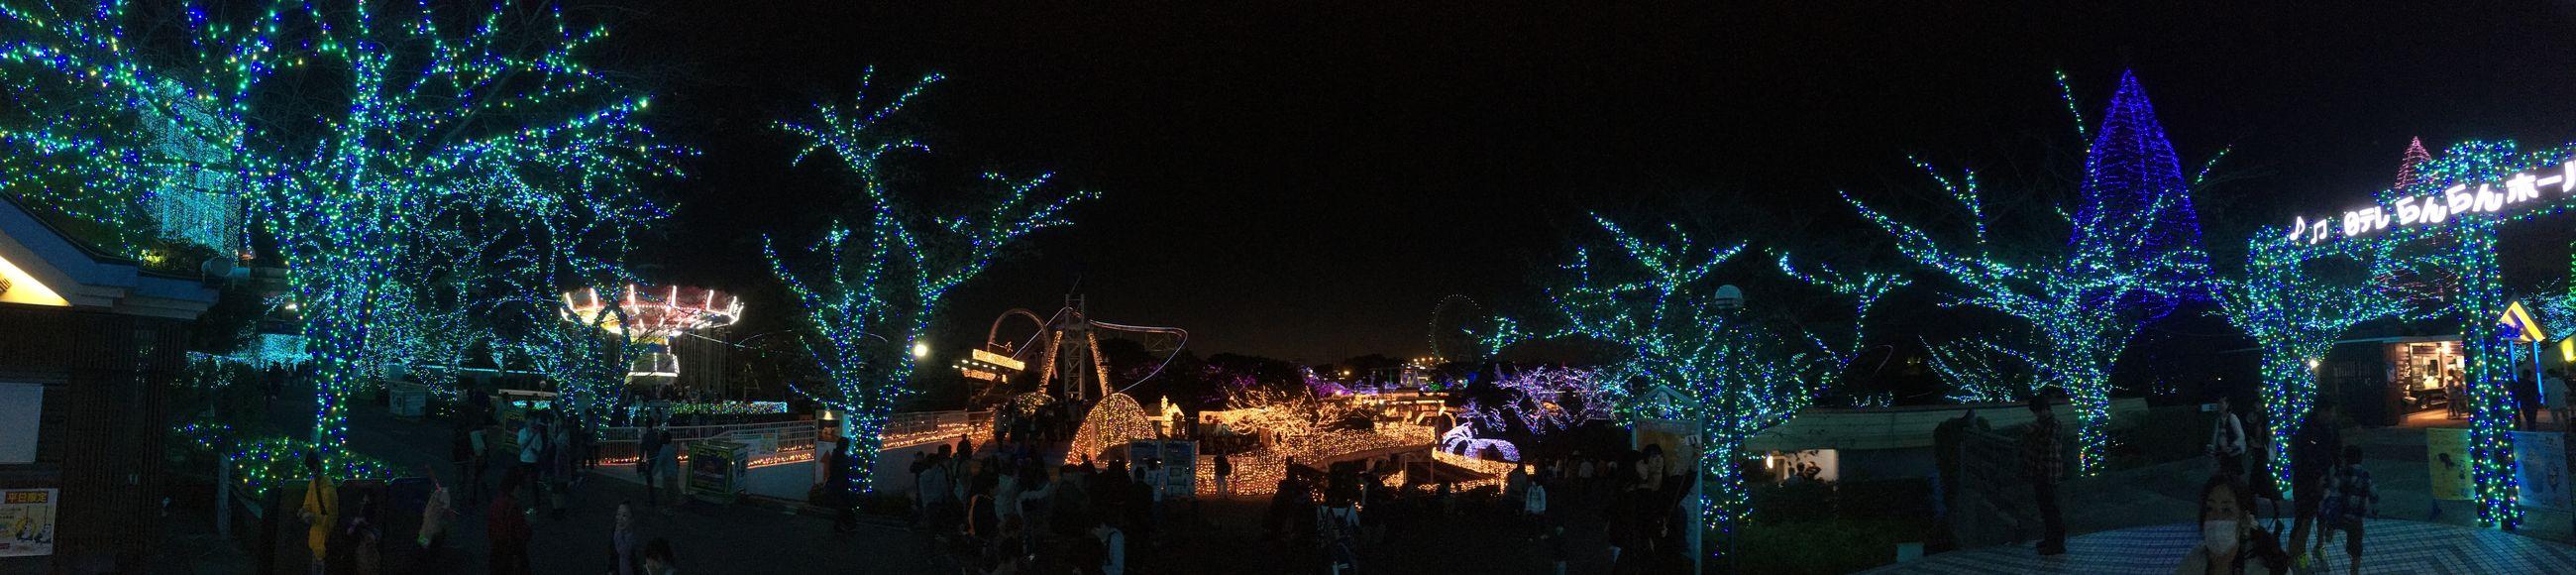 よみうりランド! Panorama Nightphotography Night View